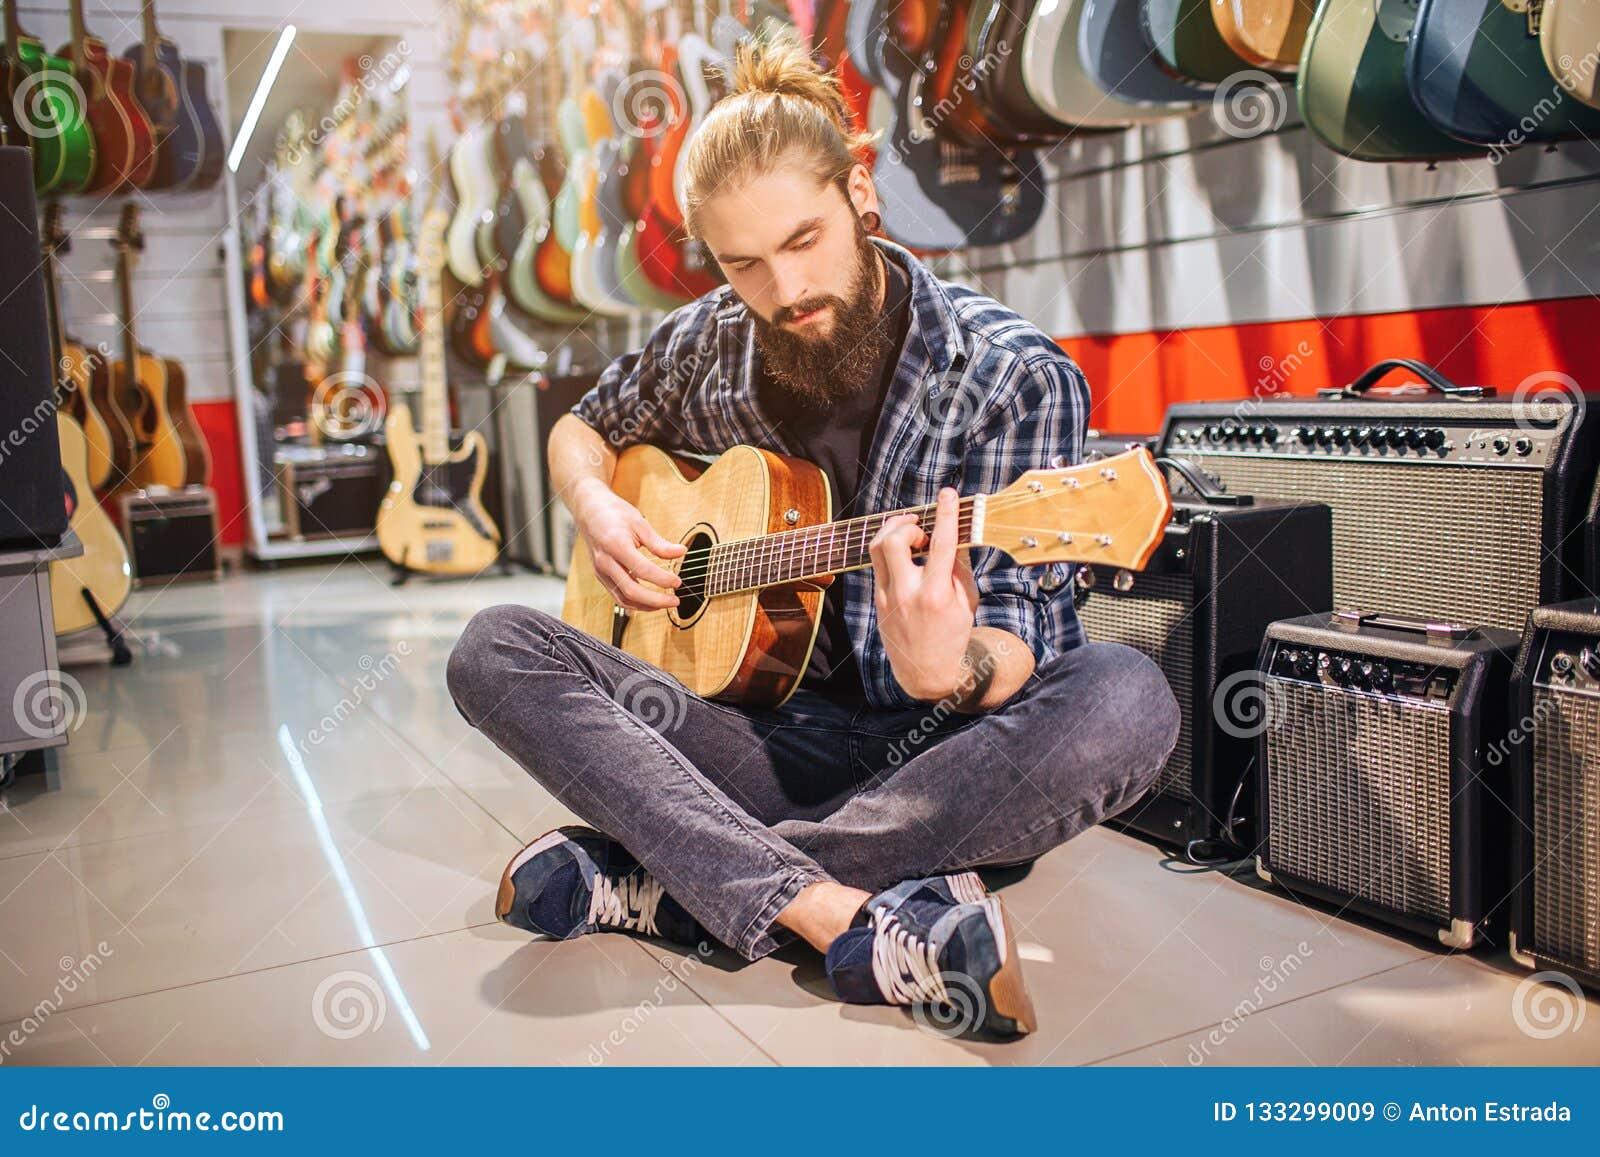 Spokojny i skoncentrowany młody człowiek siedzi na podłodze z nogami krzyżować On playes na gitarze akustycznej Wiele gitary elek